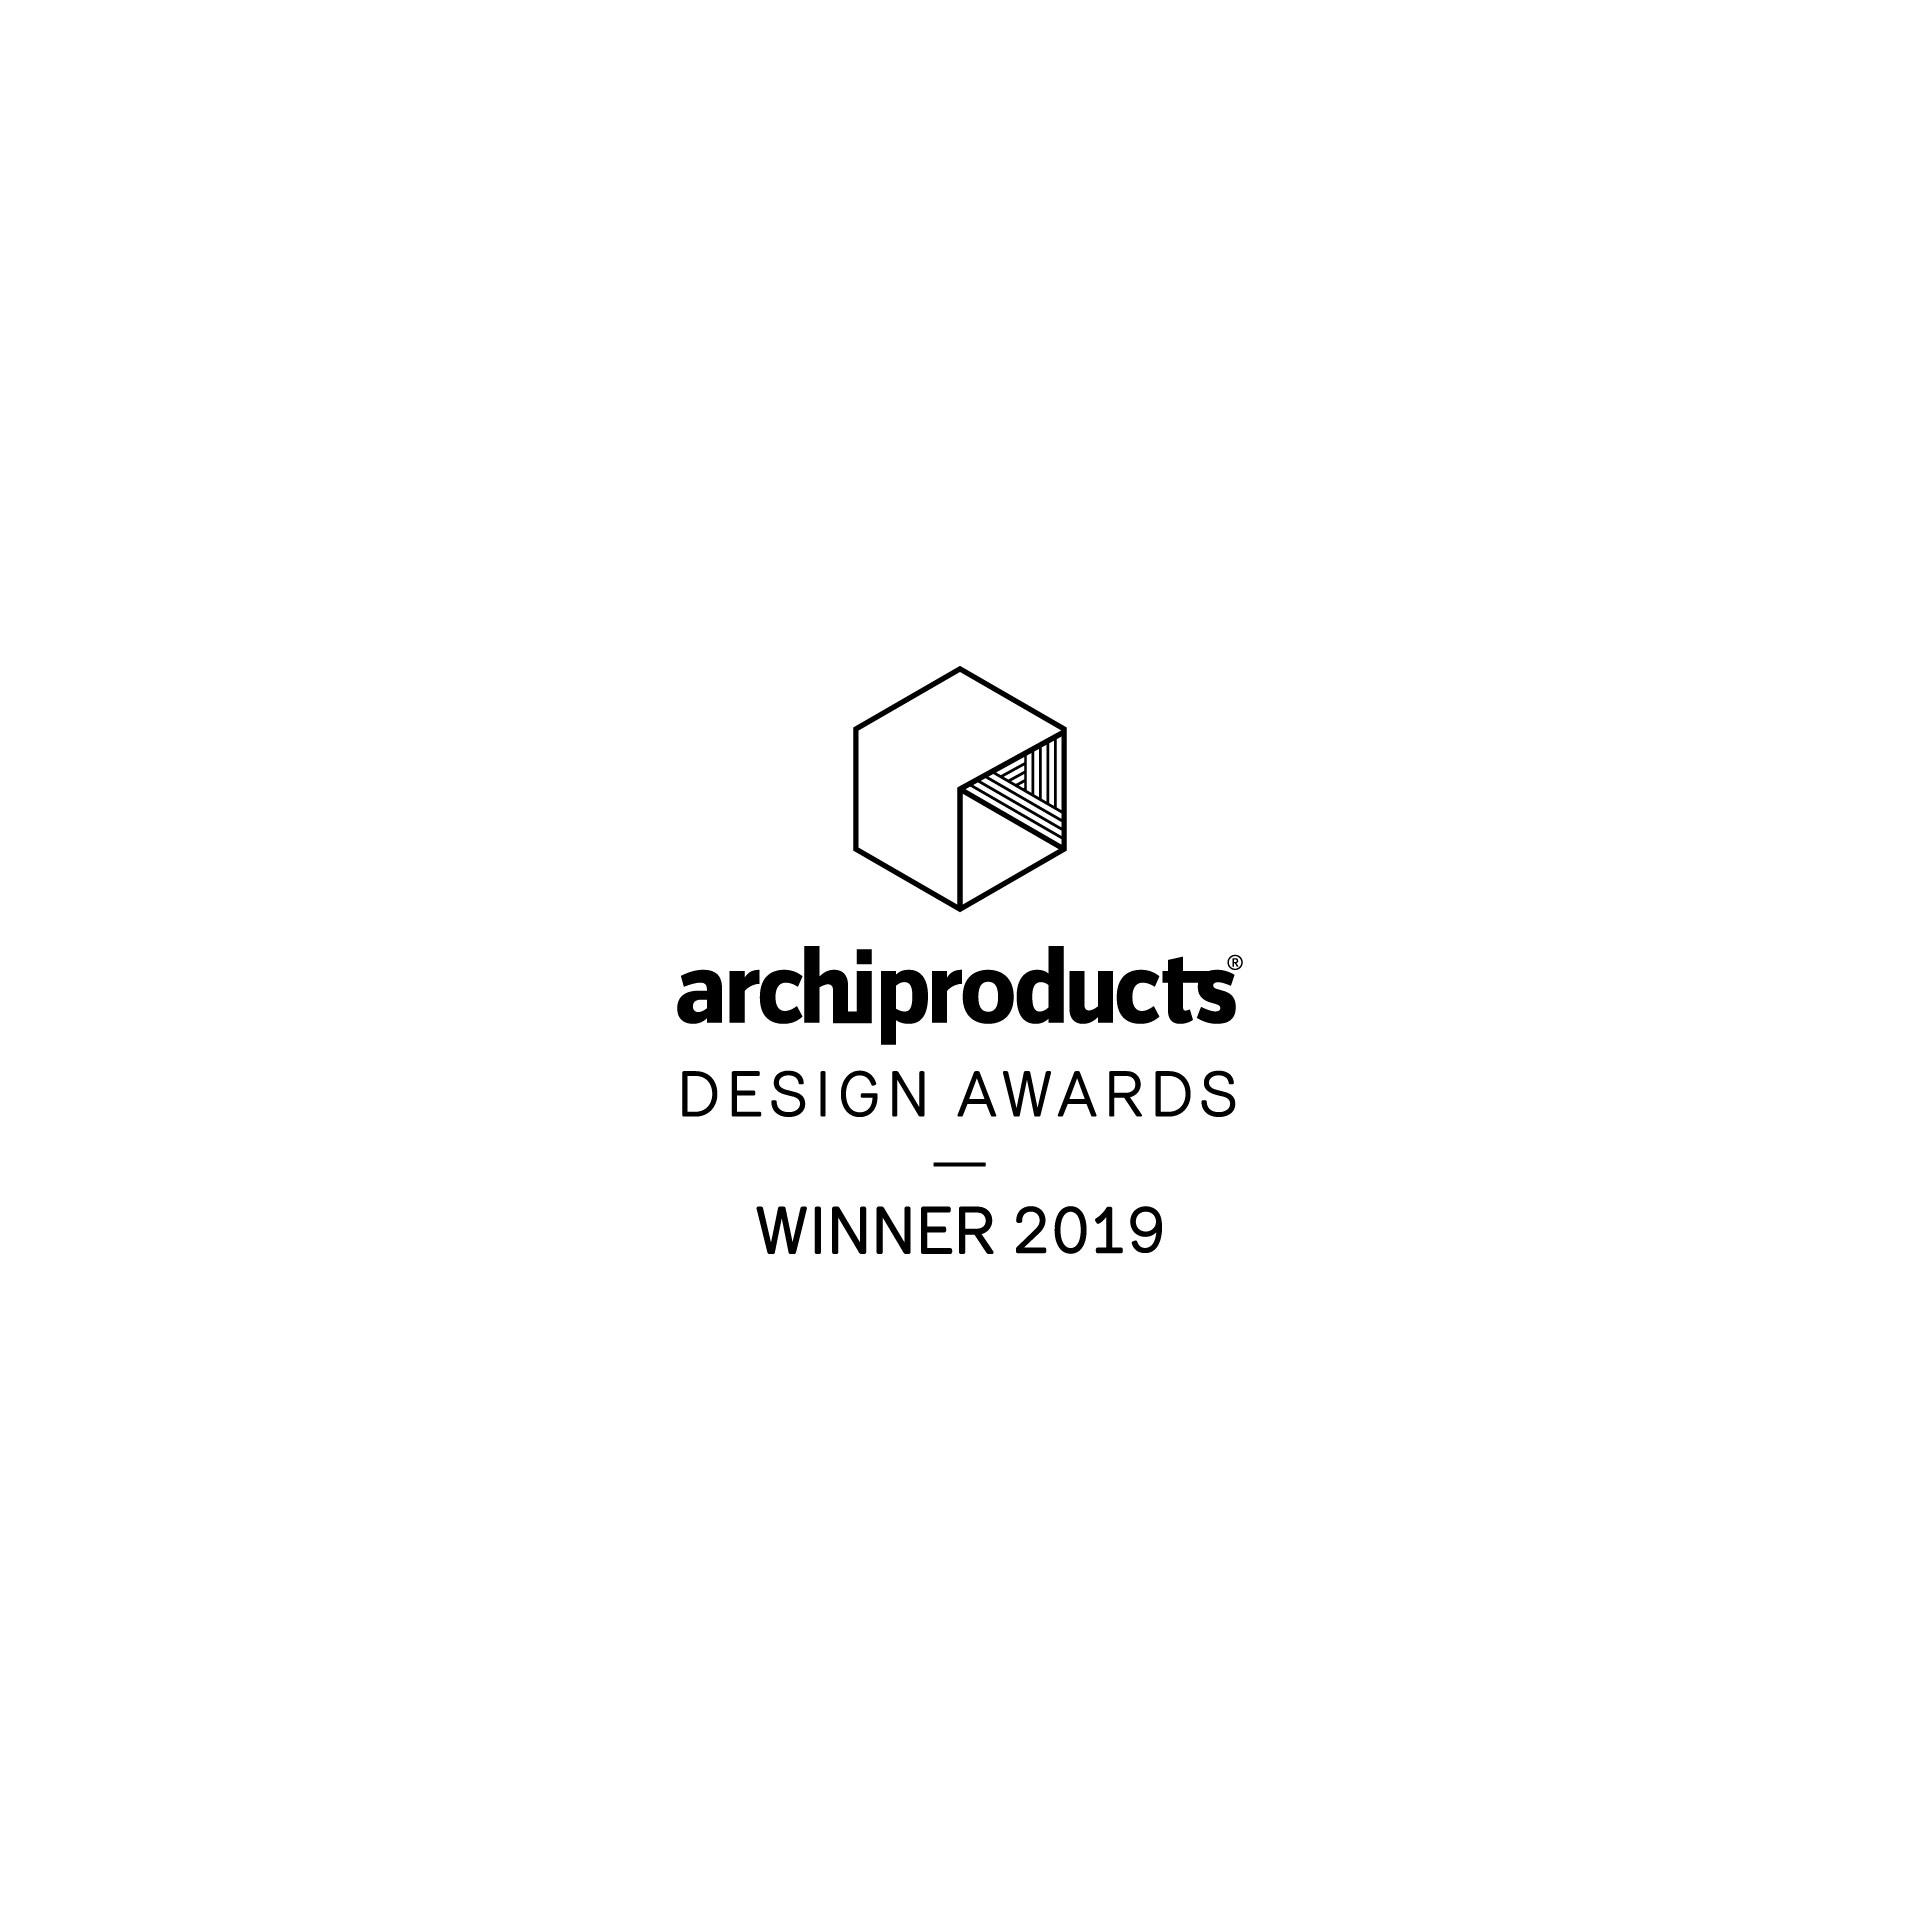 Ilo di David Lopez Quincoces si aggiudica il premio Archiproducts Design Awards 2019